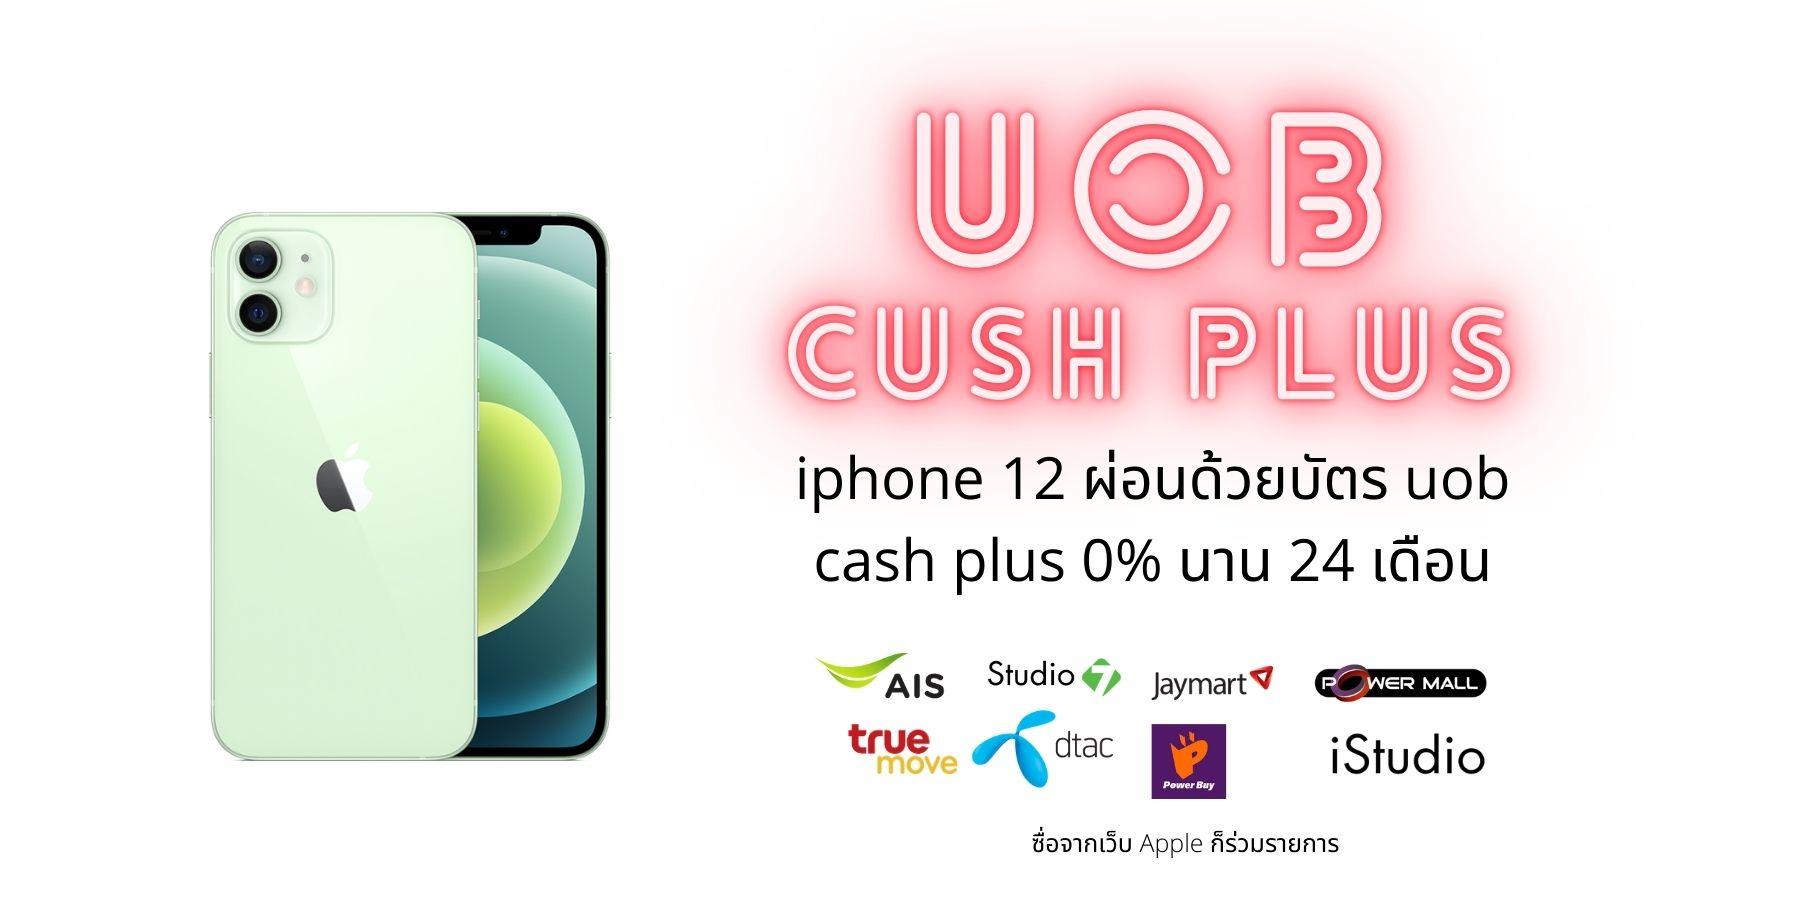 บัตร uob cash plus ผ่อน iphone 12 0% นาน 24 เดือน พร้อมรับเครดิตคืนเงินอีกต่อ ไปดูโปรโมชั่นเลย